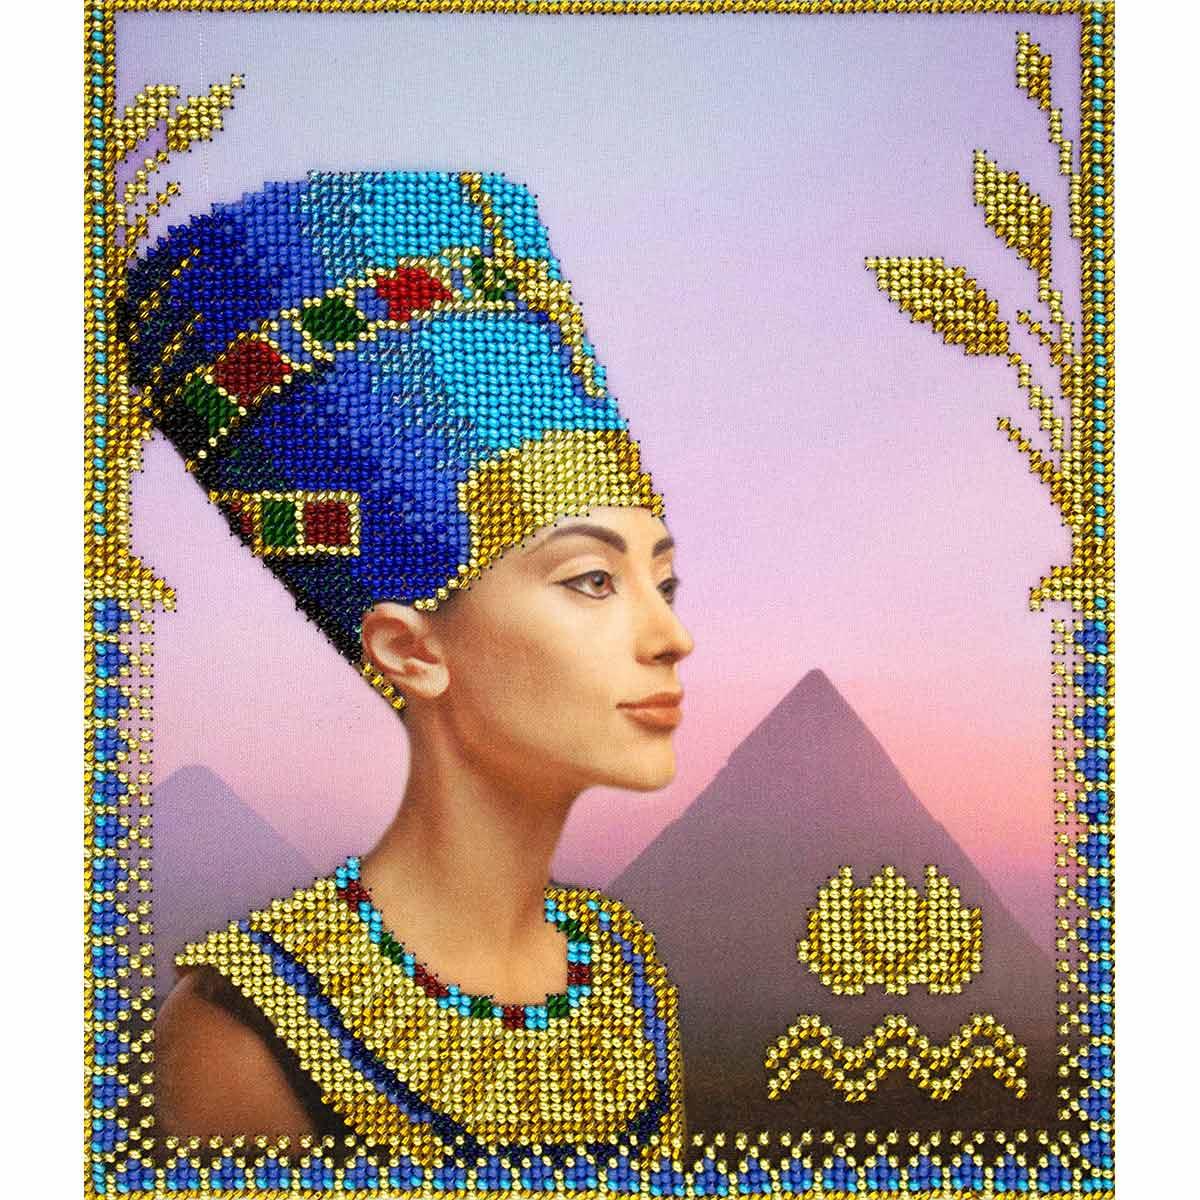 АГД-101 Набор для вышивания бисером Созвездие 'Египет' 20*24см